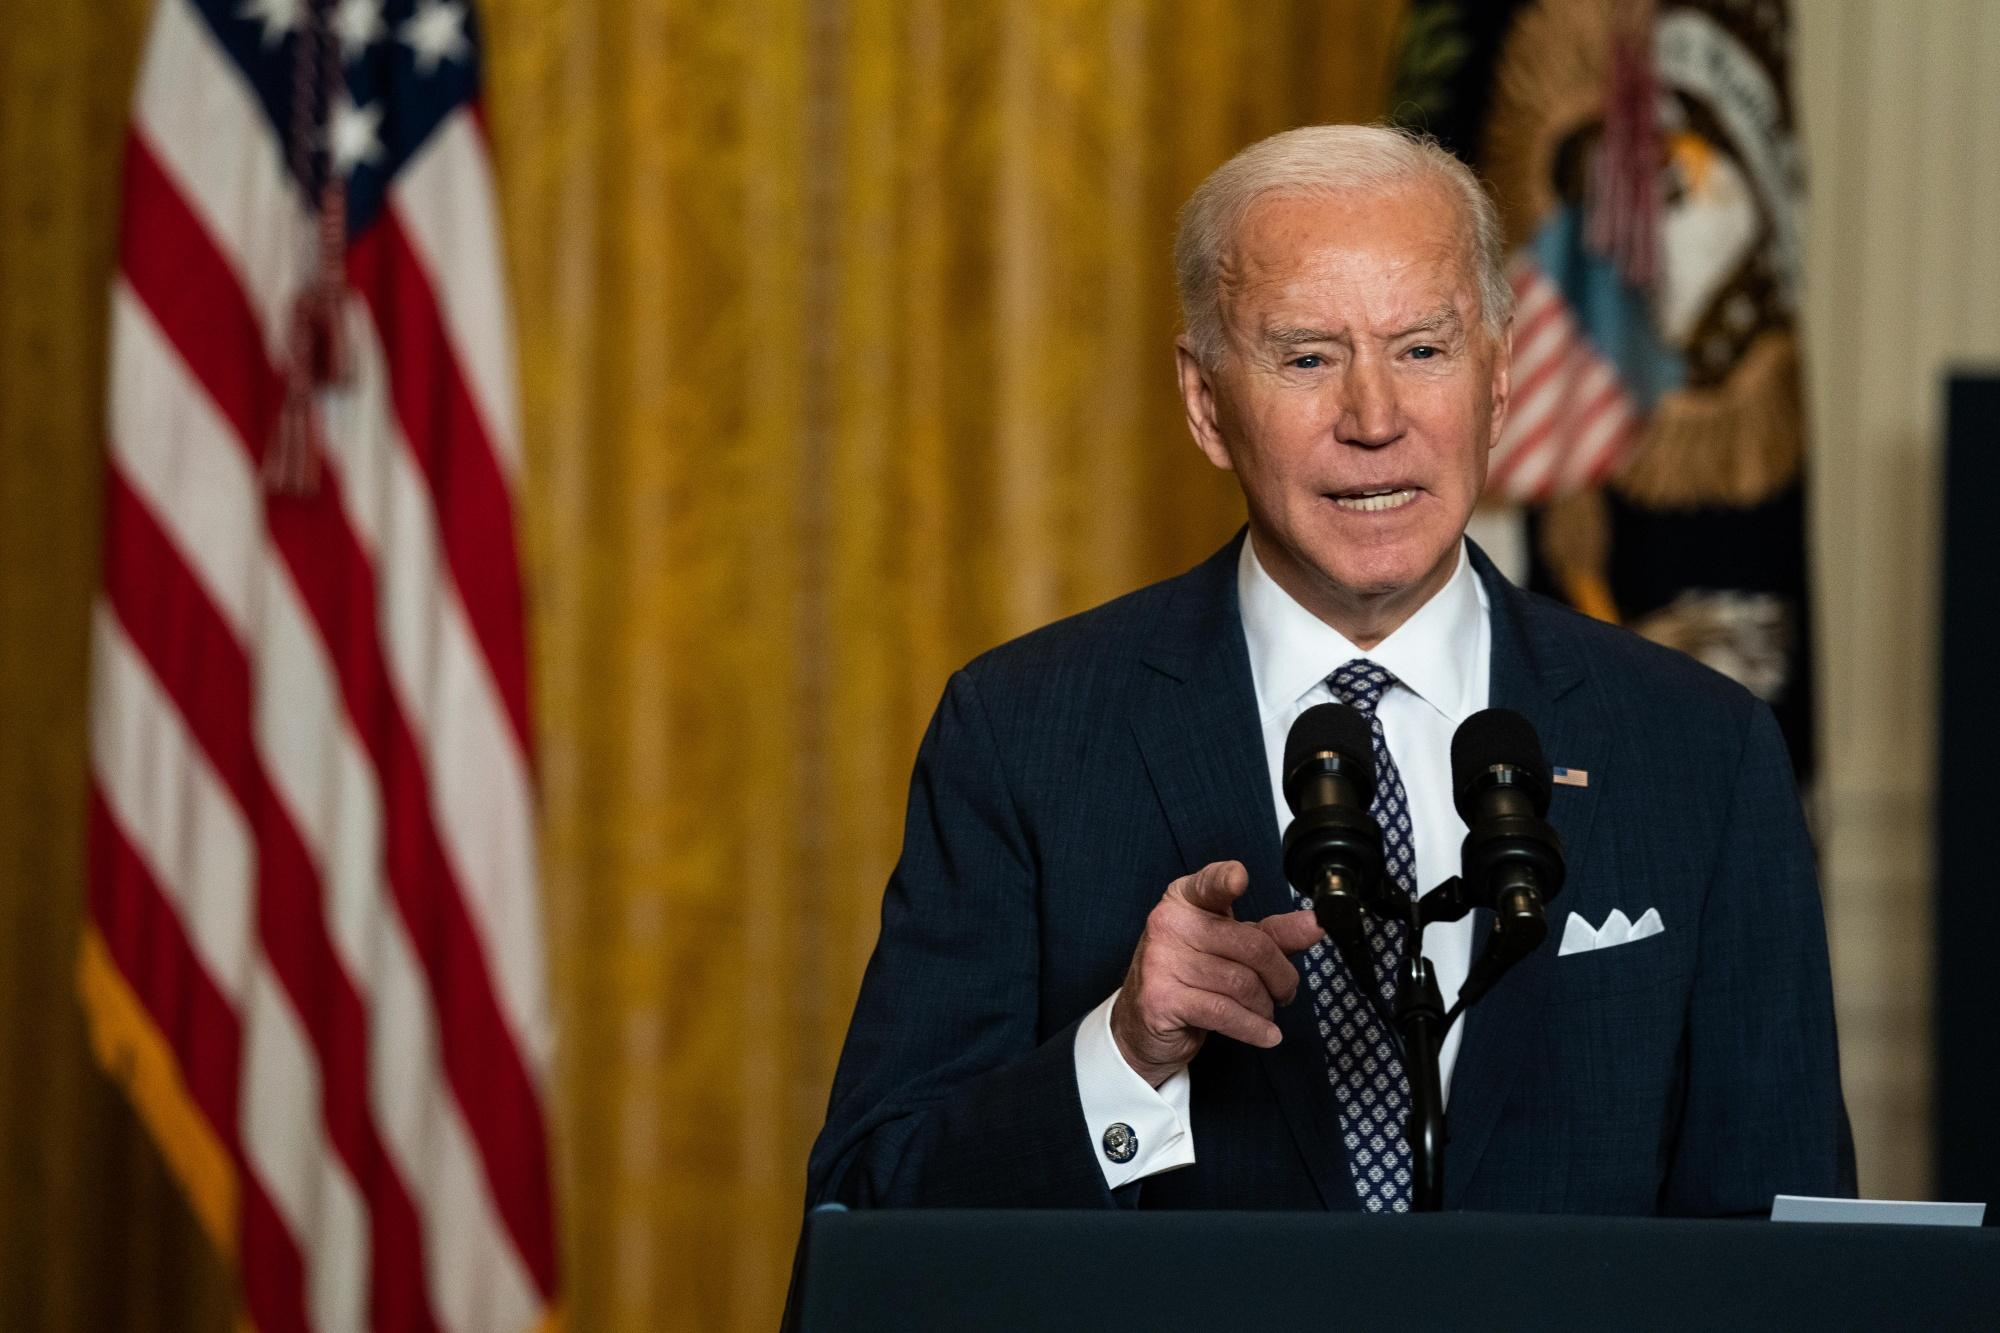 U.S. President Joe Biden speaksin the East Room of the White House on Feb. 19.